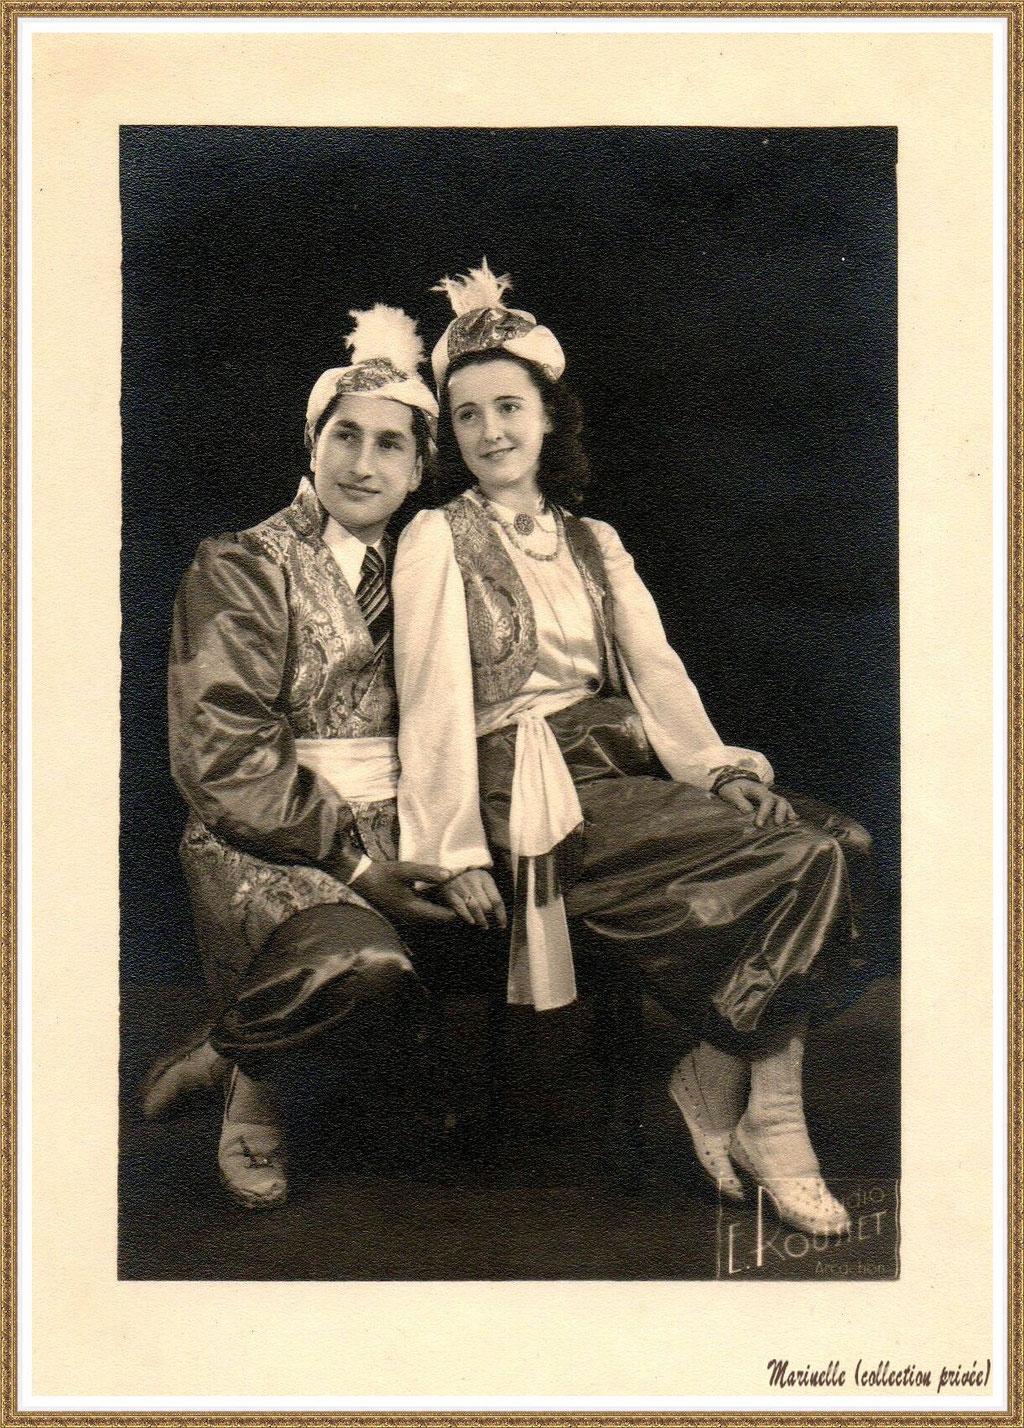 """Gujan-Mestras autrefois :  mes parents (vers 1947) en tenue costumée à l'occasion d'un bal à thème à la salle """"Florida"""", Bassin d'Arcachon (photo, collection privée)"""